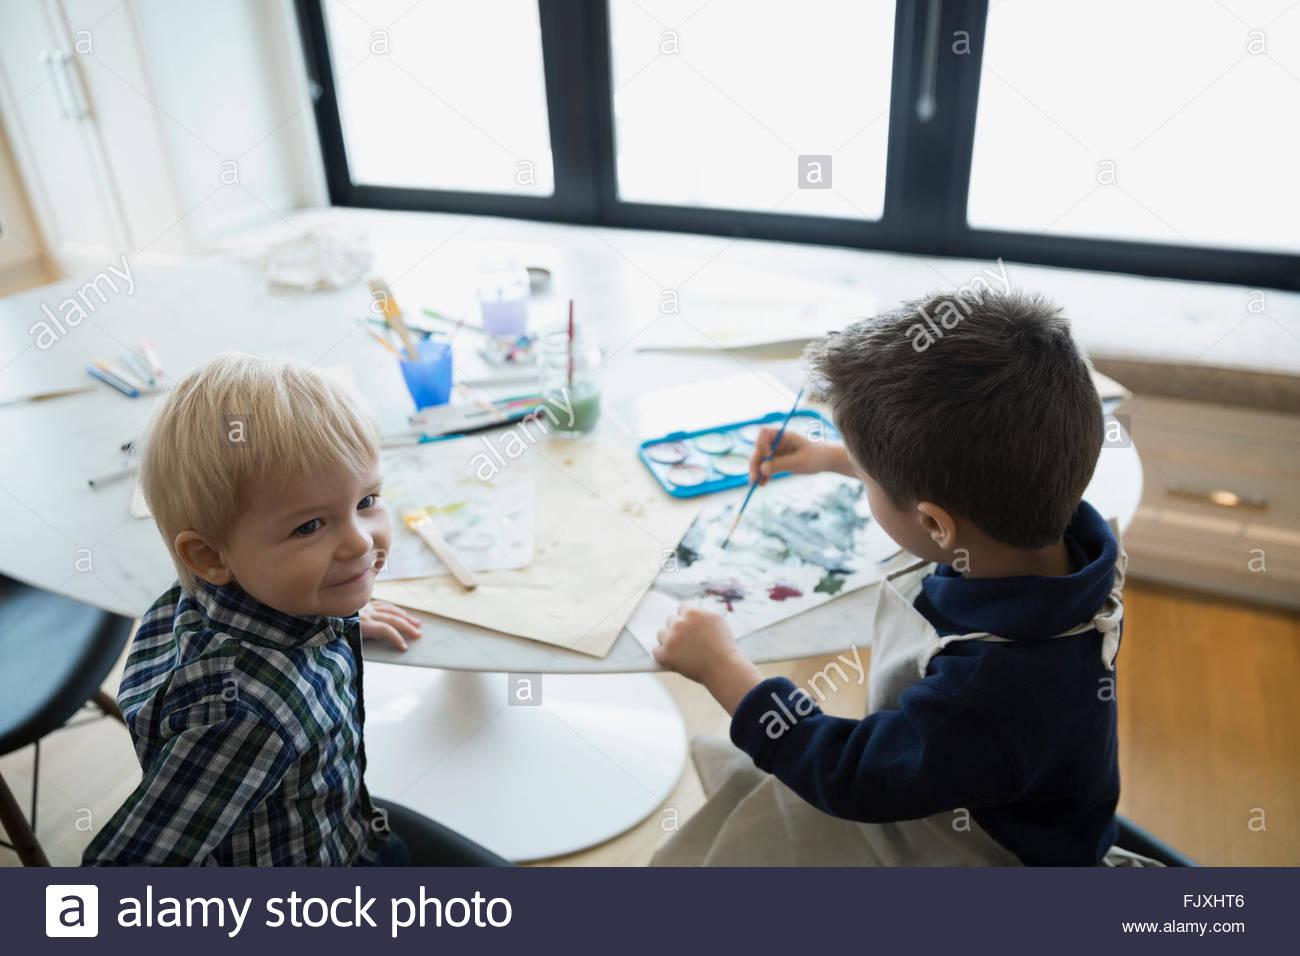 Fratelli pittura ad acquerello a tavola Immagini Stock